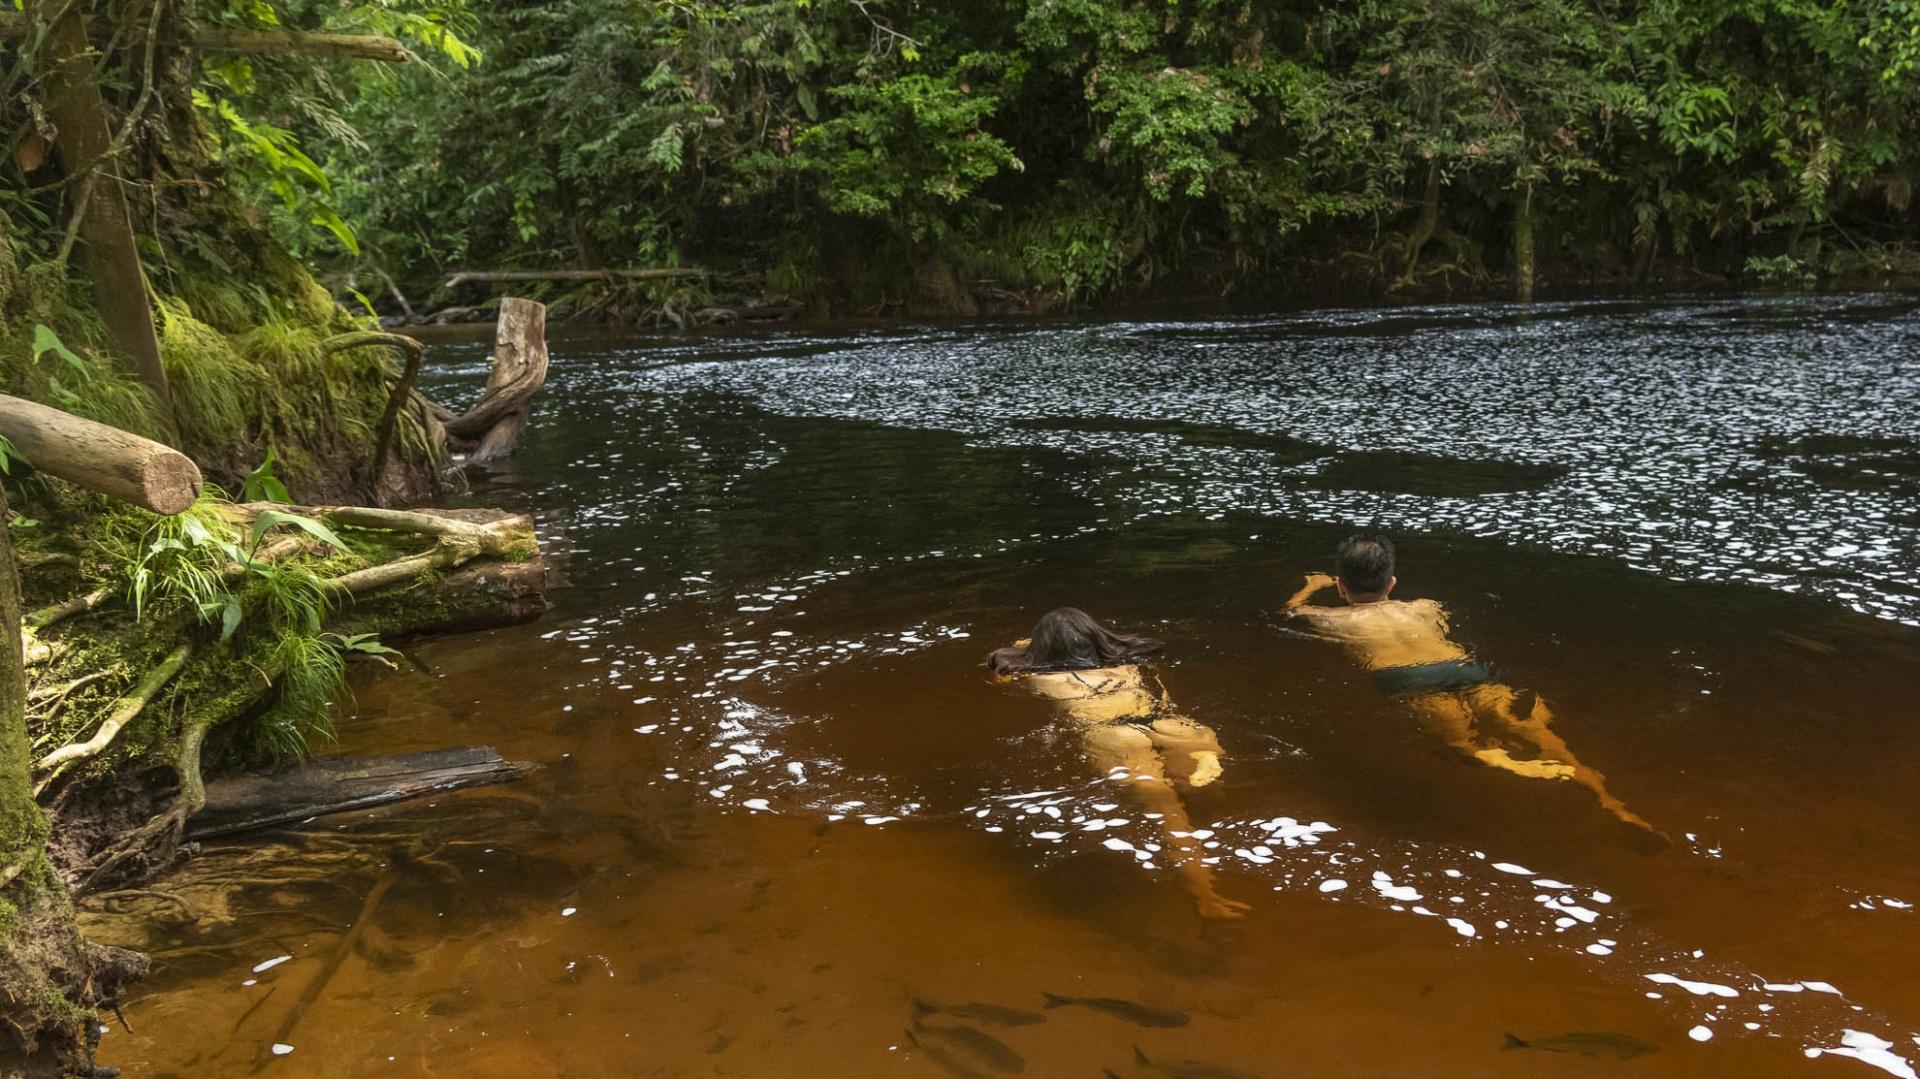 Reisebaustein - Schiffsexpedition Jaraqui auf dem Rio Negro in Brasilien